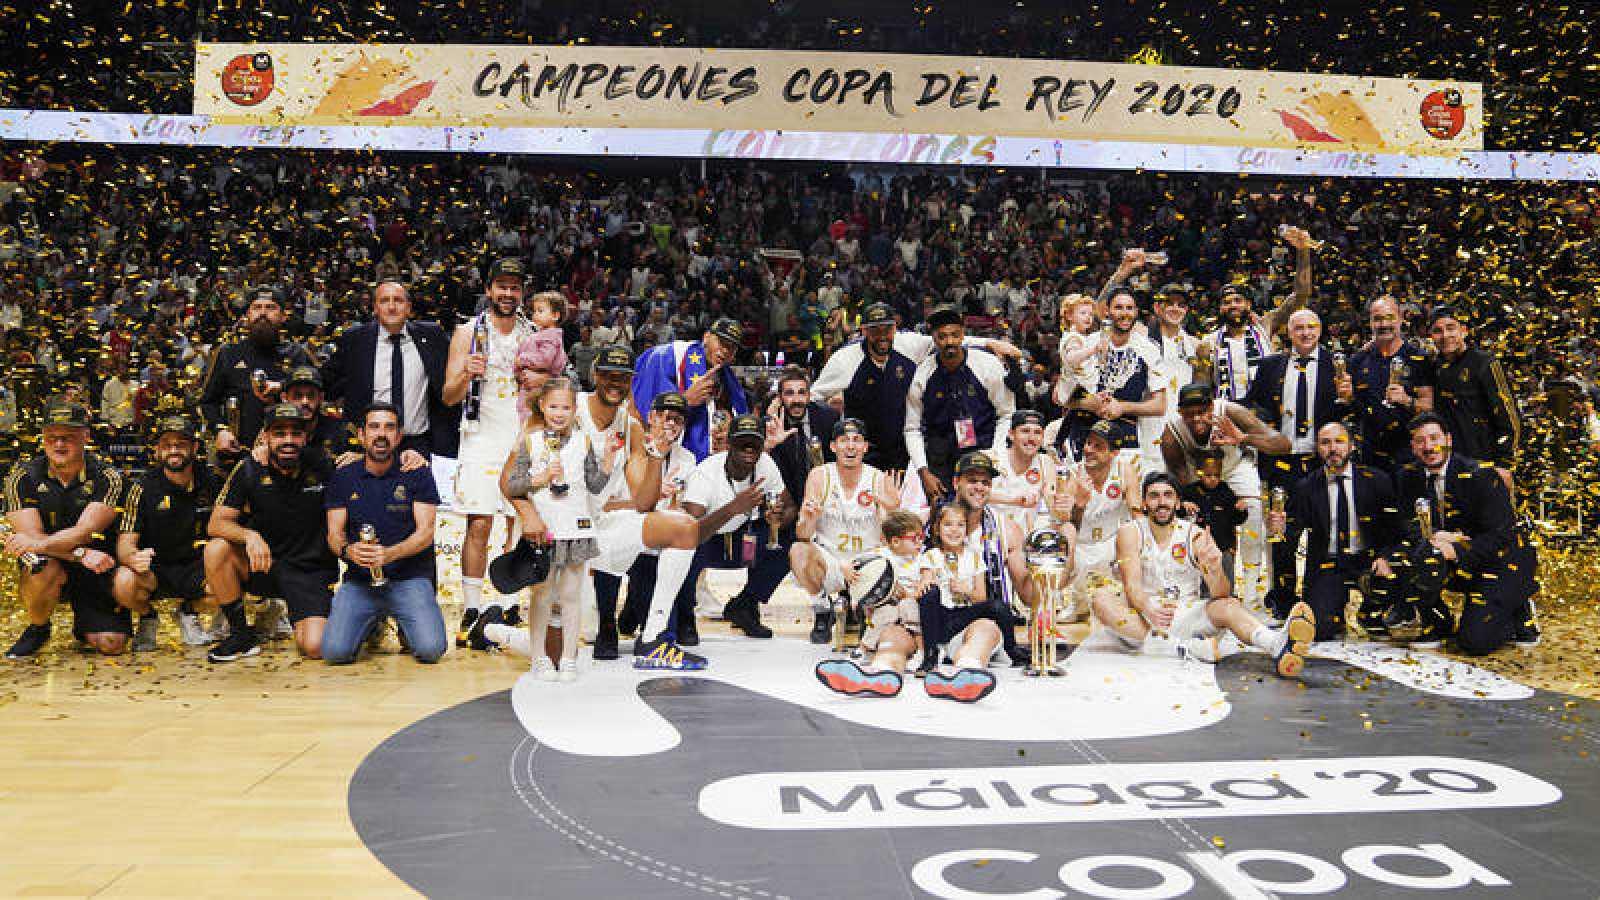 El Real Madrid, campeón de la Copa del Rey 2020.